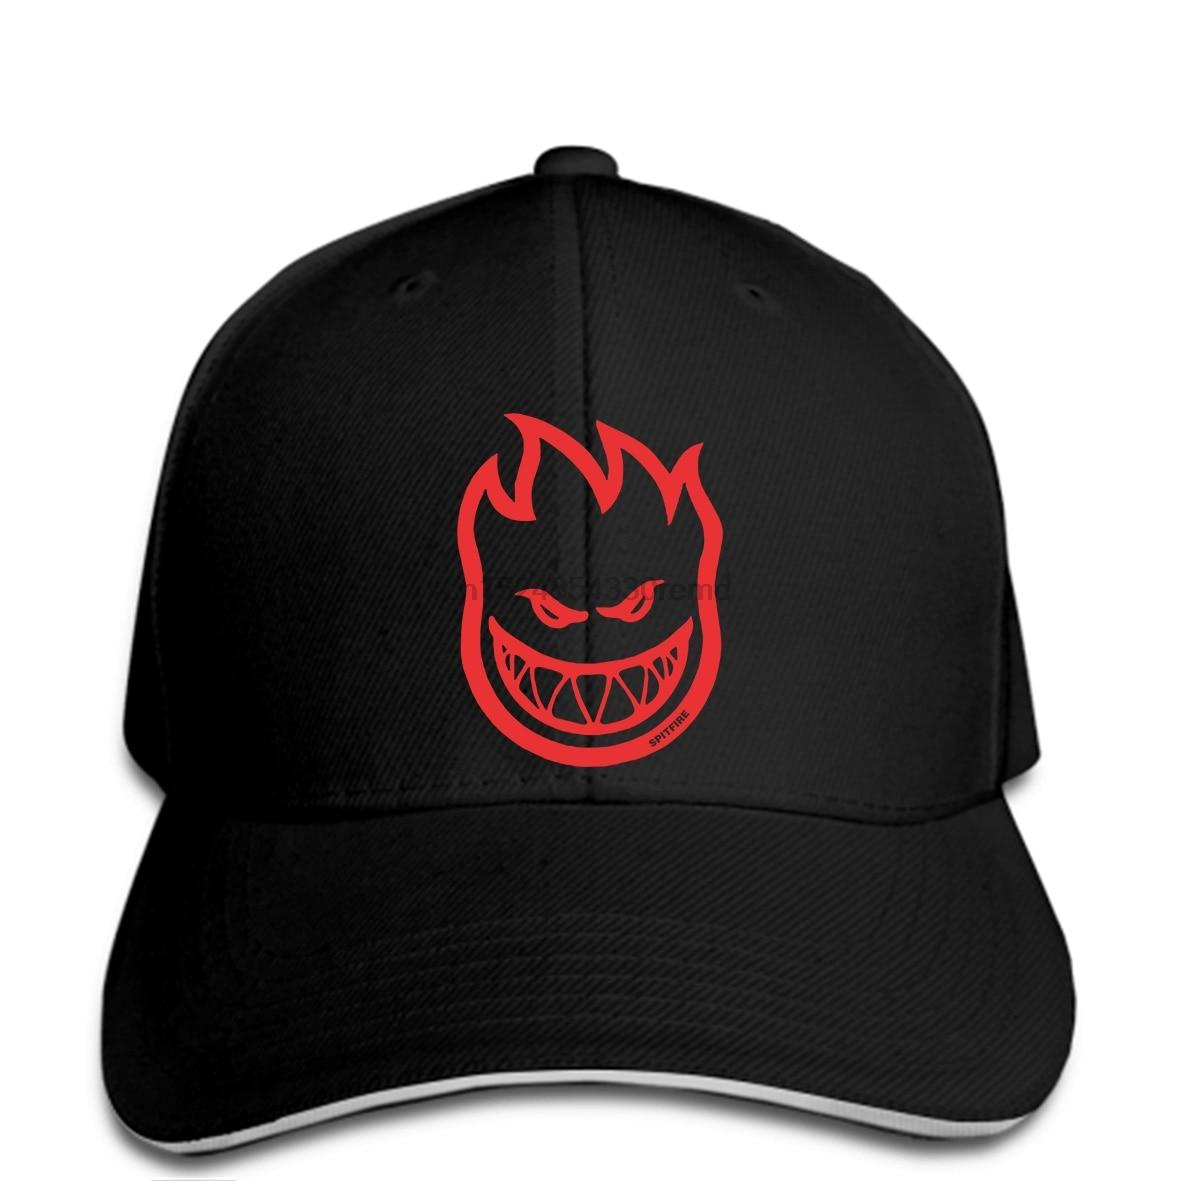 c3e67c7e870 hip hop Baseball caps Funny Men hat cap Black SPITFIRE Maglietta Bighead S  Grigia Silver Mens